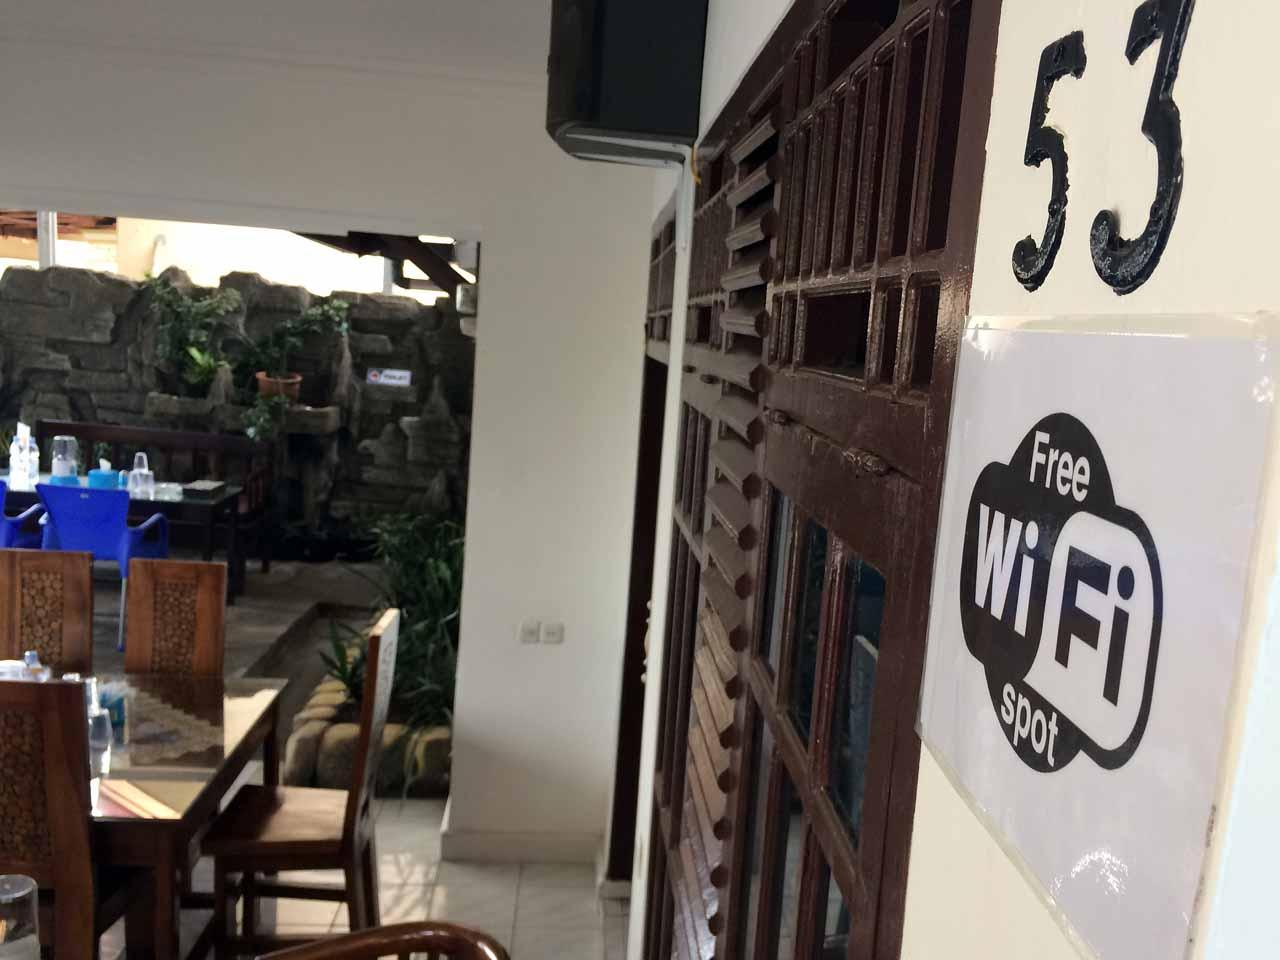 Kantin Rina - Tempat makan di bandar lampung - yopie pangkey - 1